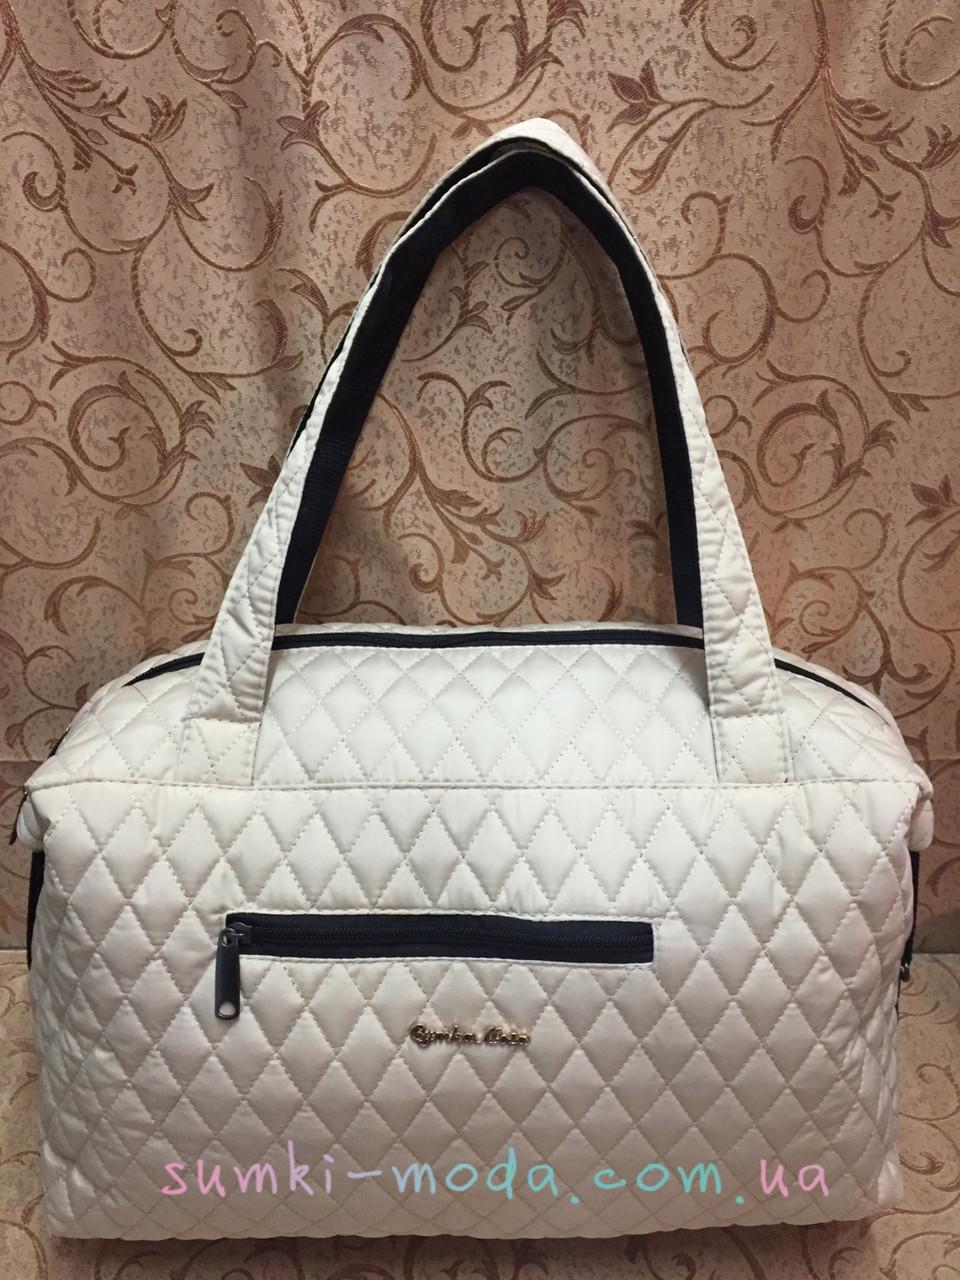 Женские сумка стеганная Стильная стеганая сумка Сумка женская дутики  спортивная только оптом - интернет dd8ab629039